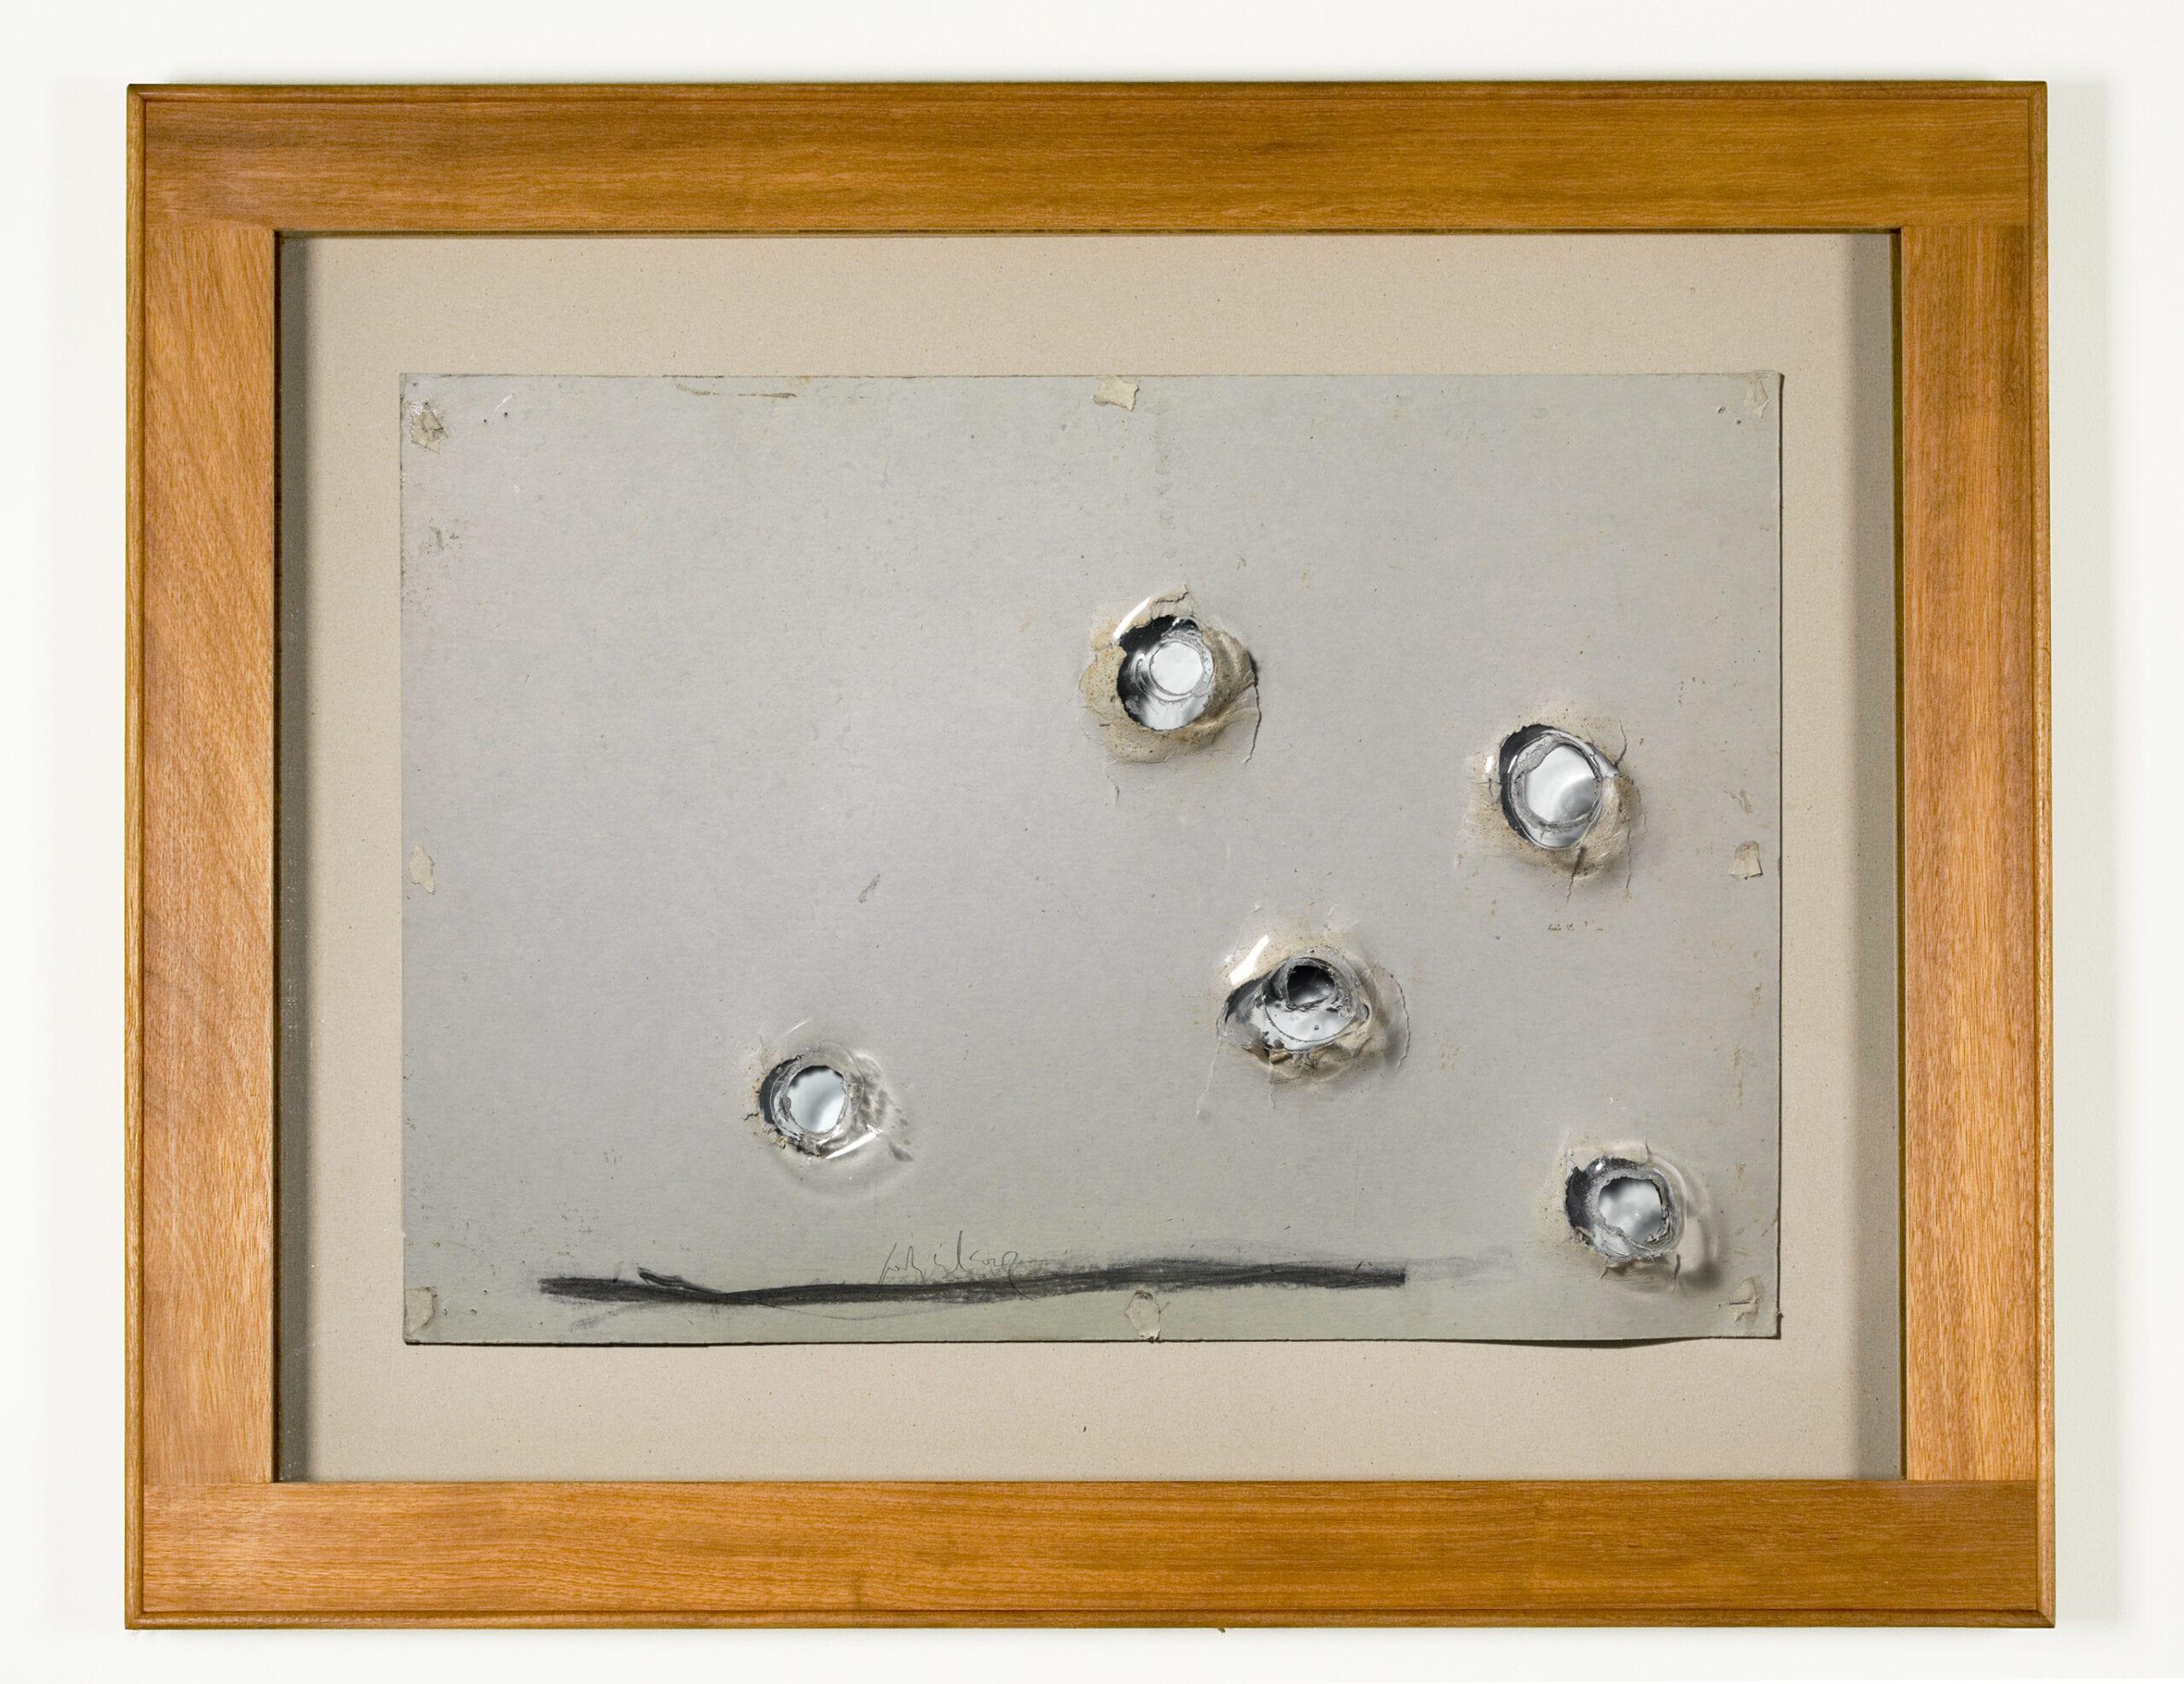 """Jordi Alcaraz, Thieves of Drawings (I), drawing on cardboard, plexiglass, and wood, 32 ⅛"""" x 40"""", 2010."""